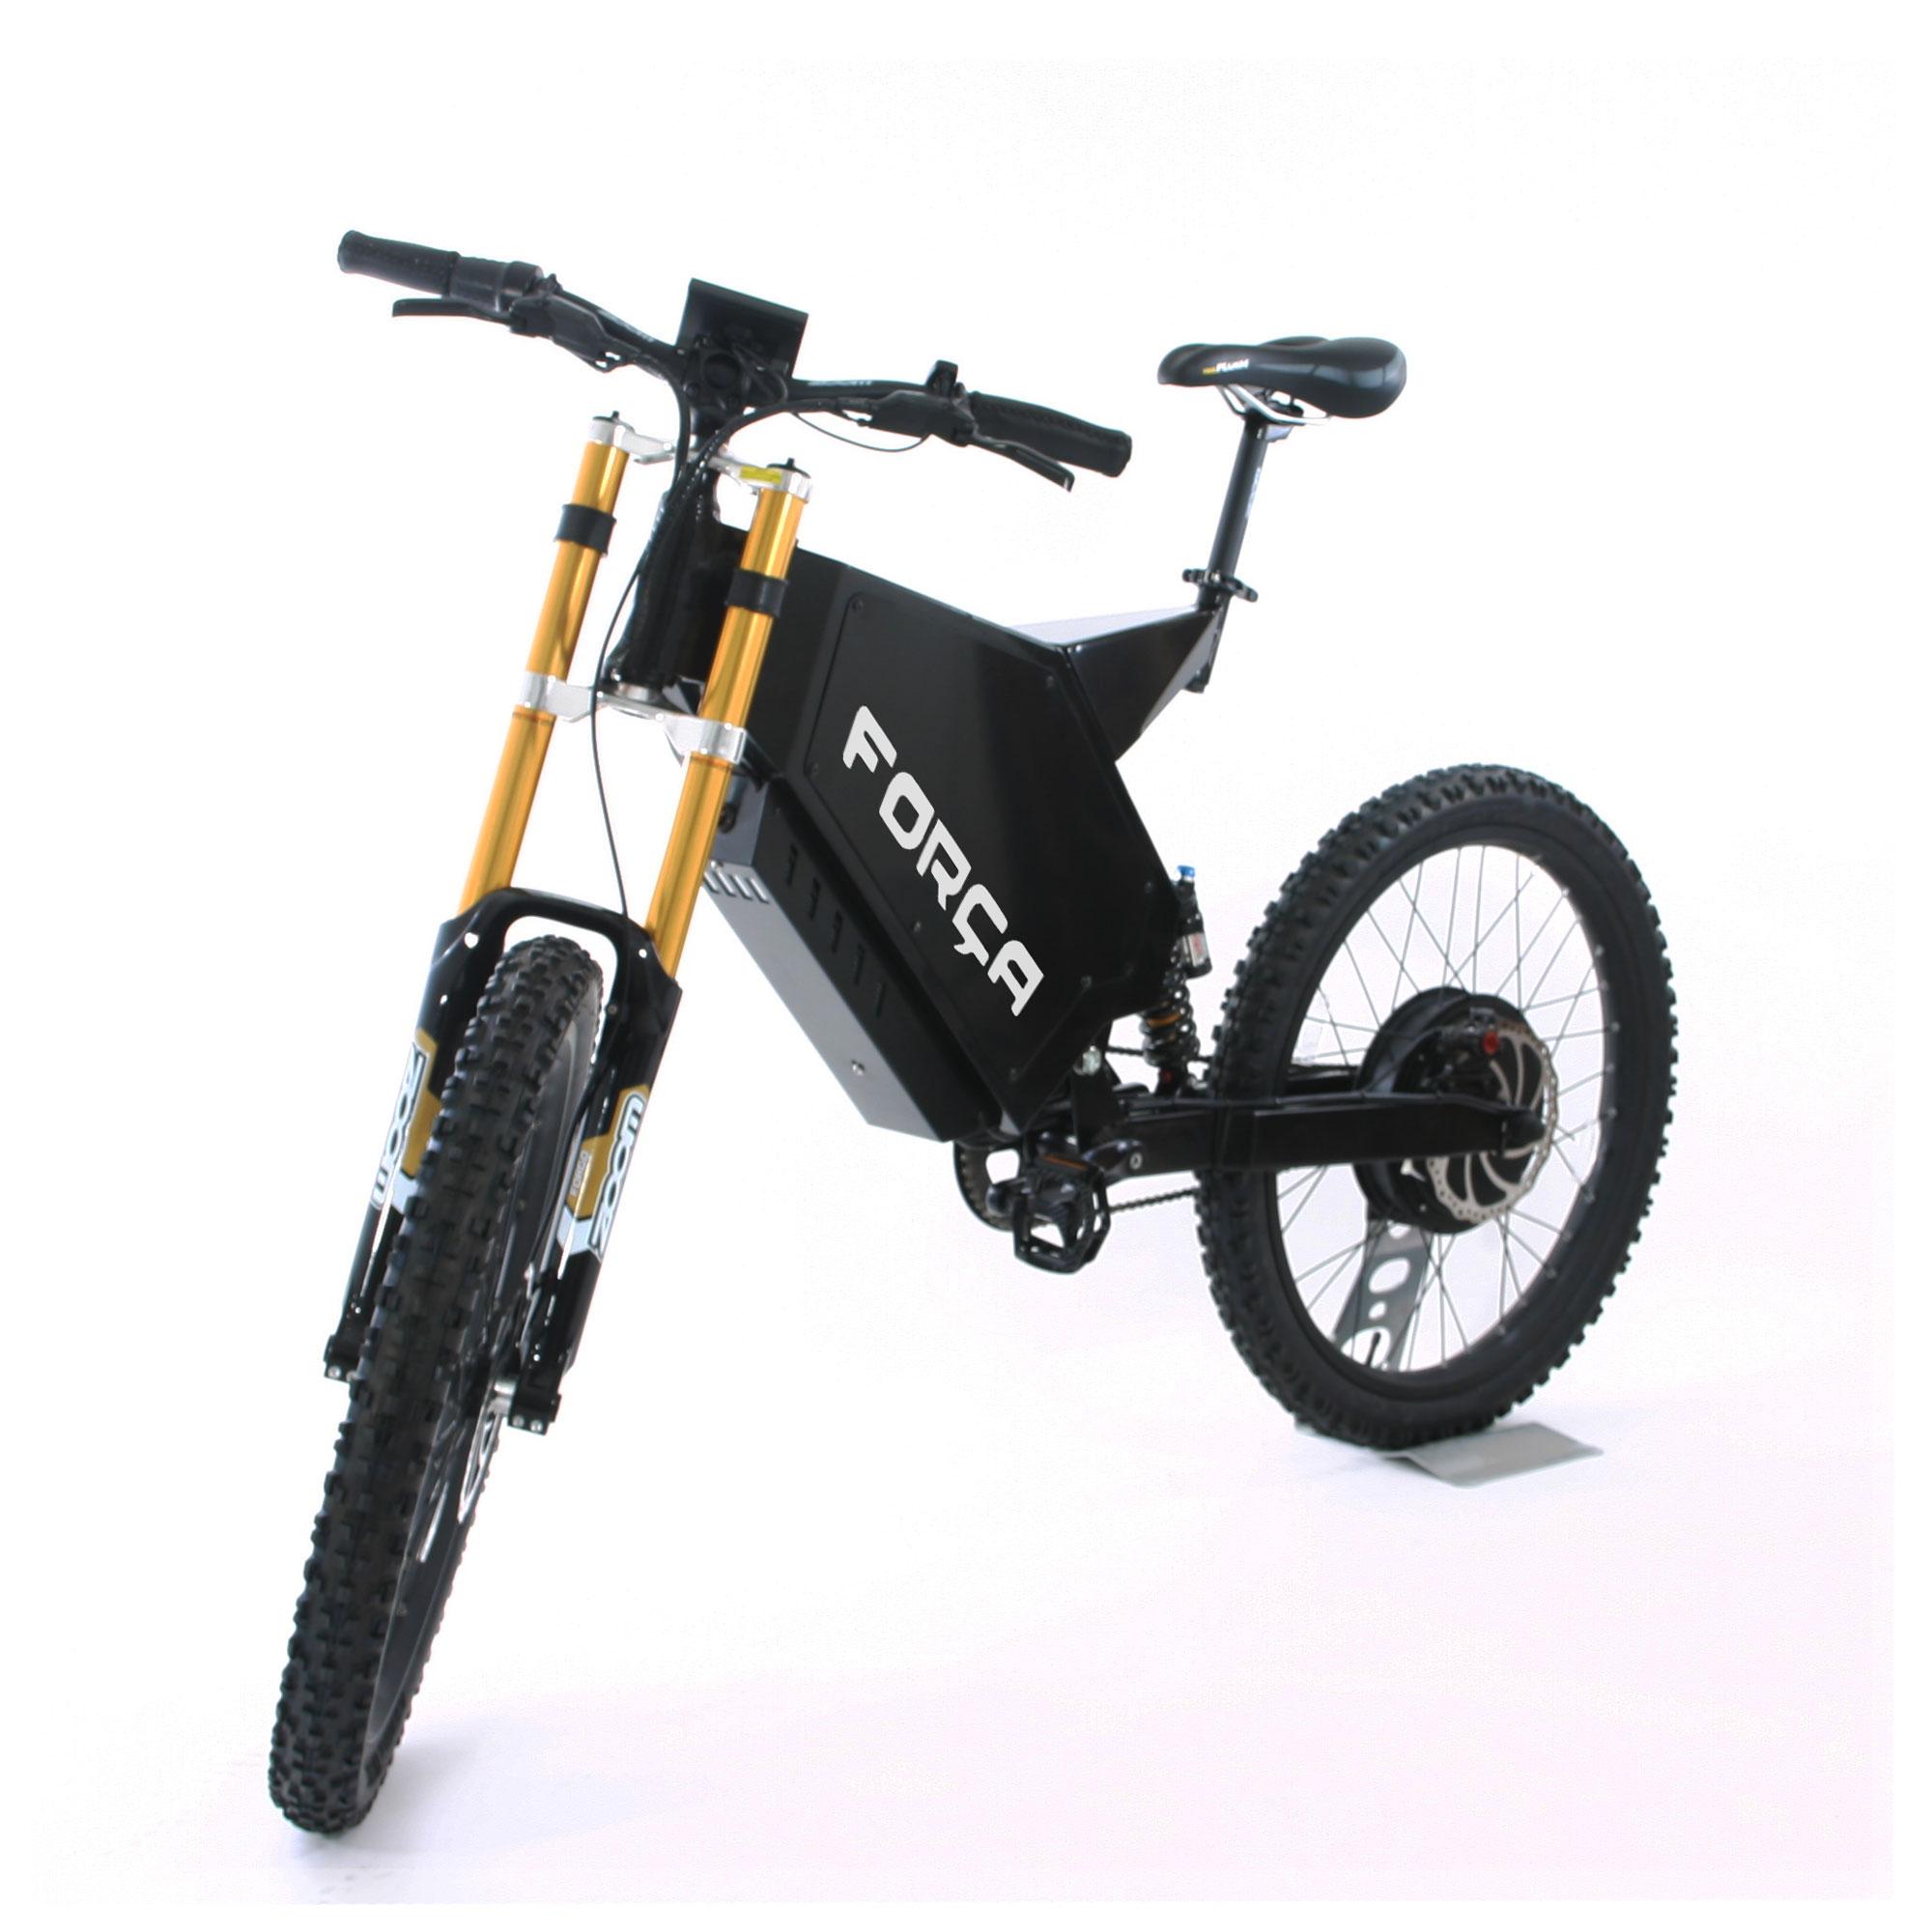 Forca E Bike 01 - Bald erhältlich: Das Forca E-Bike